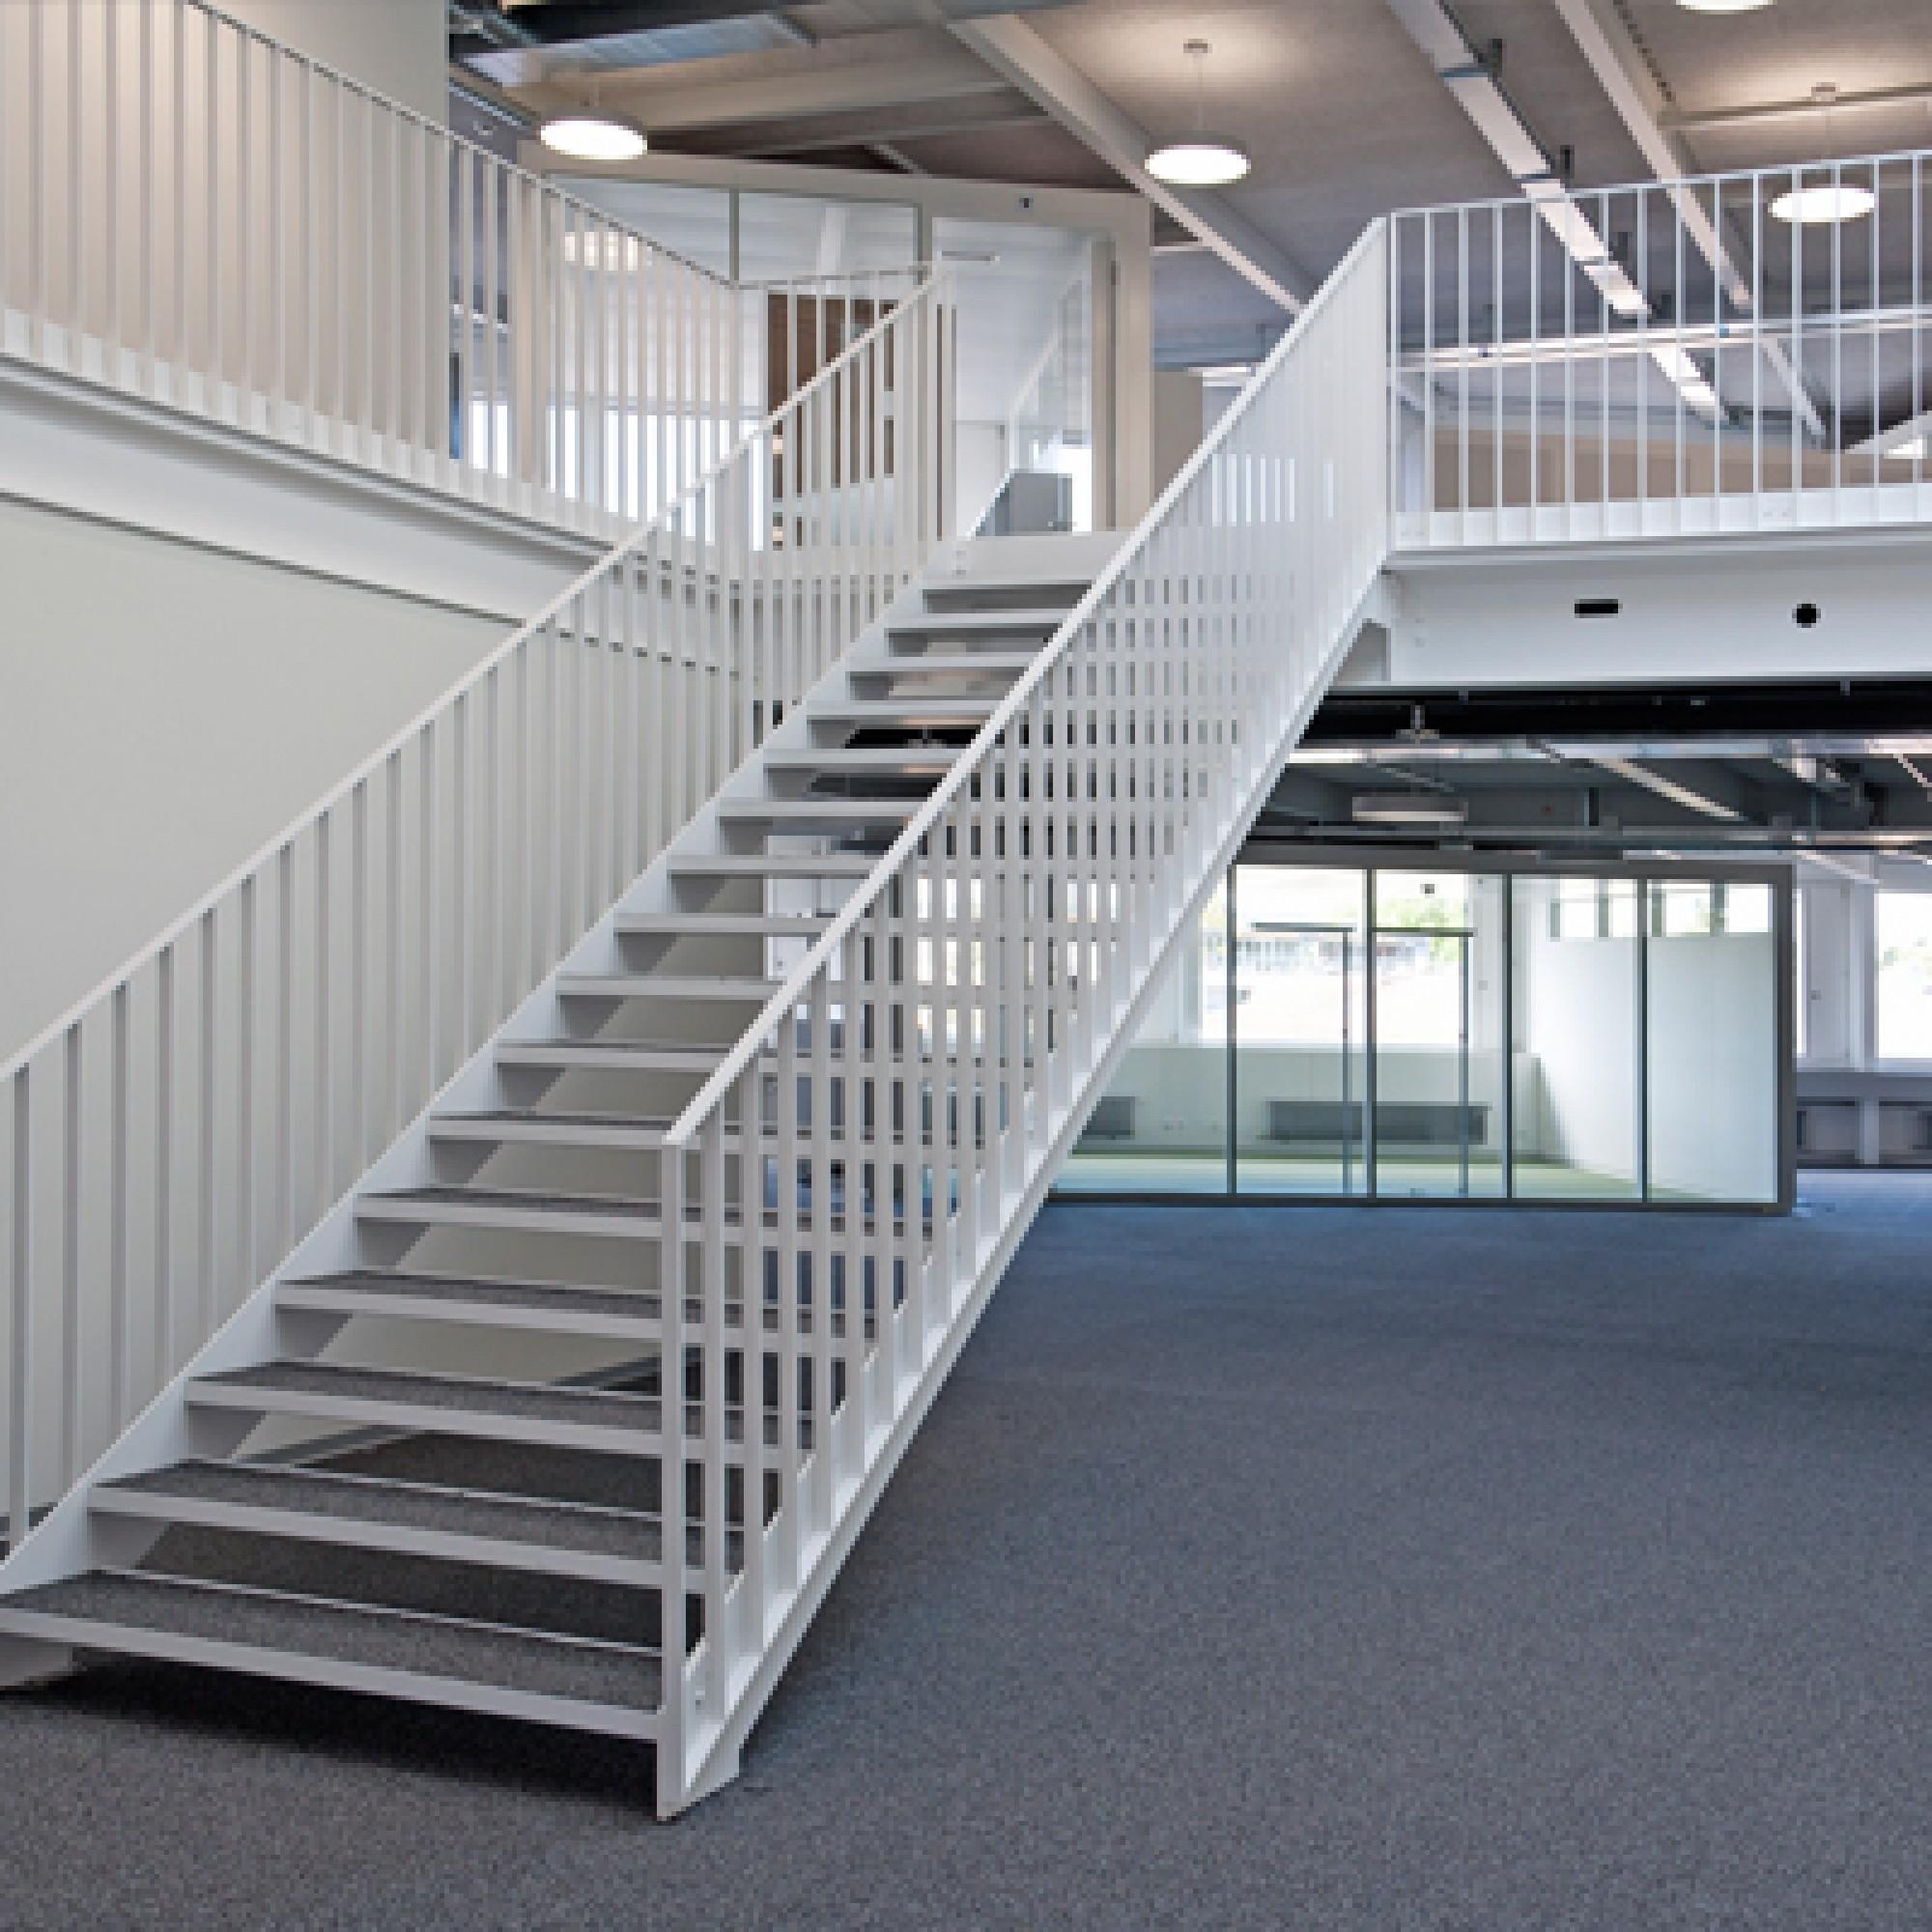 Bis Herbst 2013 wurde ab dem 3. Obergeschoss aufwärts eine offene Bürolandschaft mit derzeit rund 110 Arbeitsplätzen fertig gestellt (Bild: zvg)